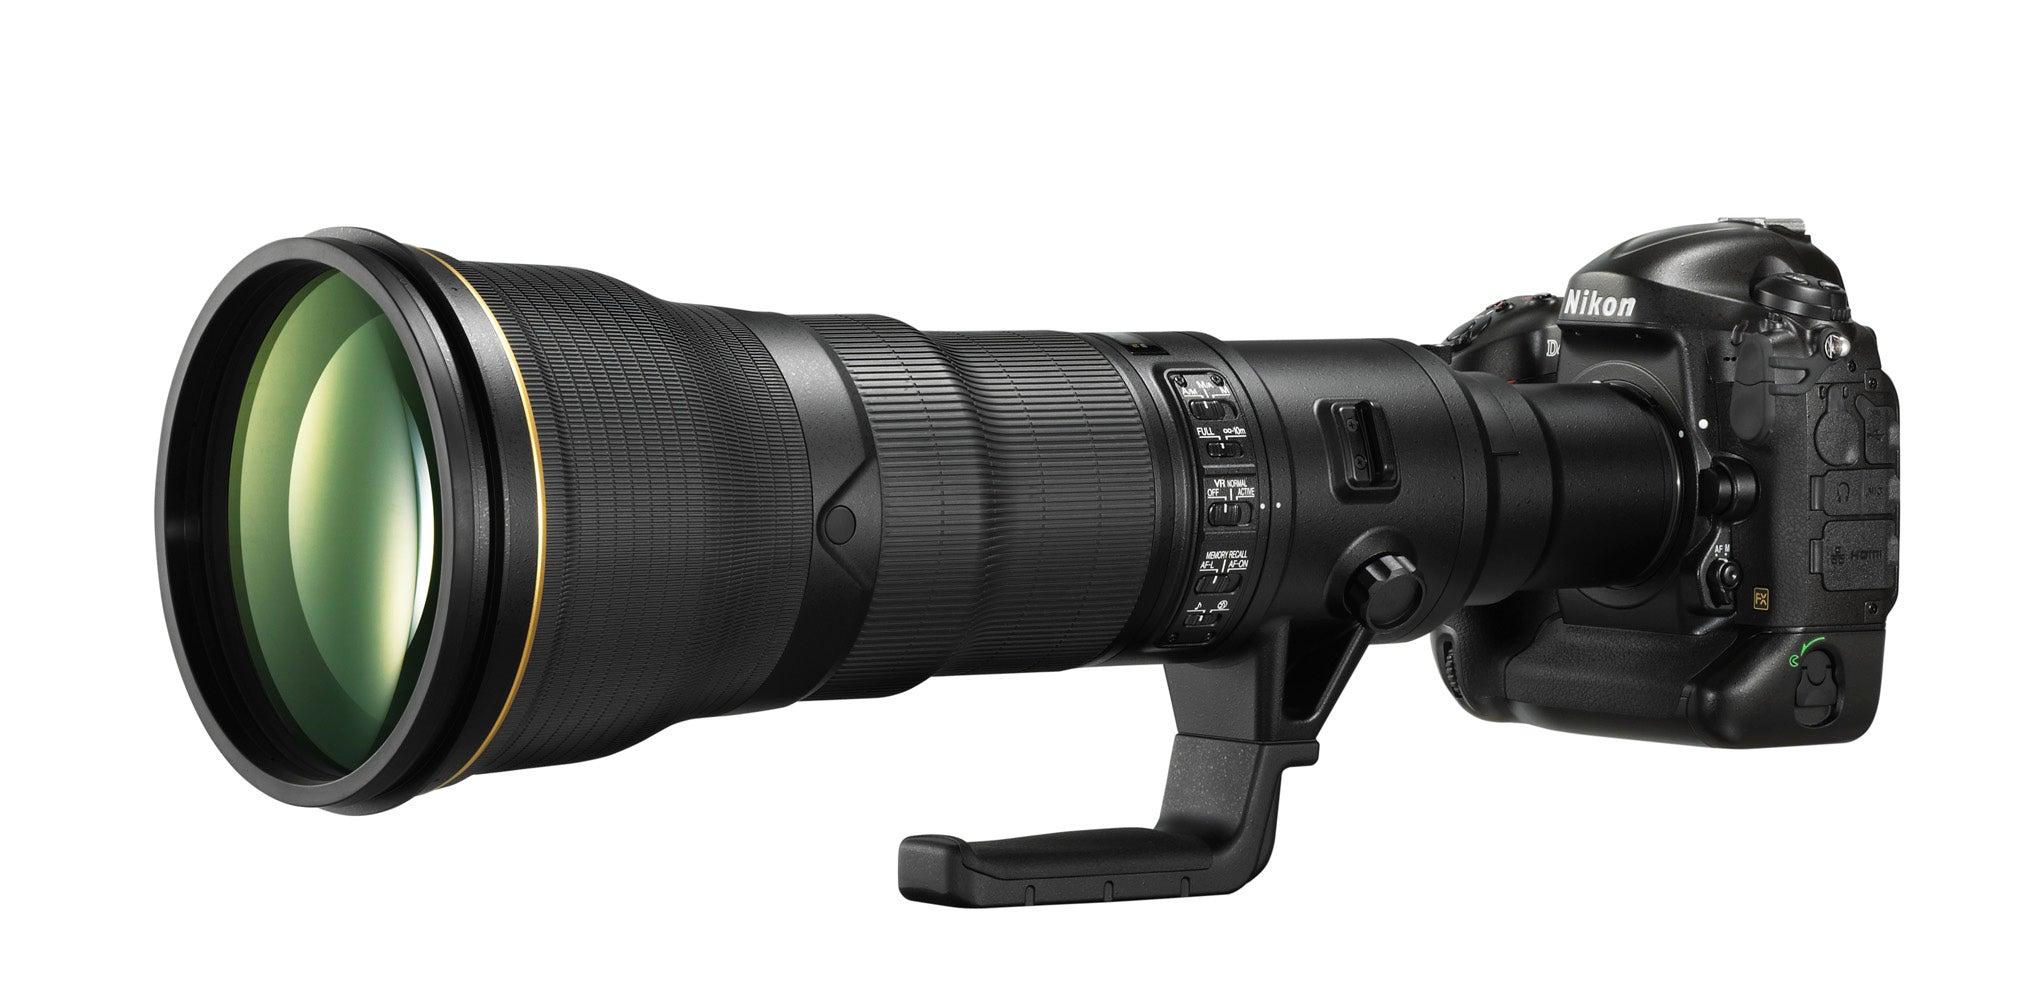 Nikon 800mm Telephoto